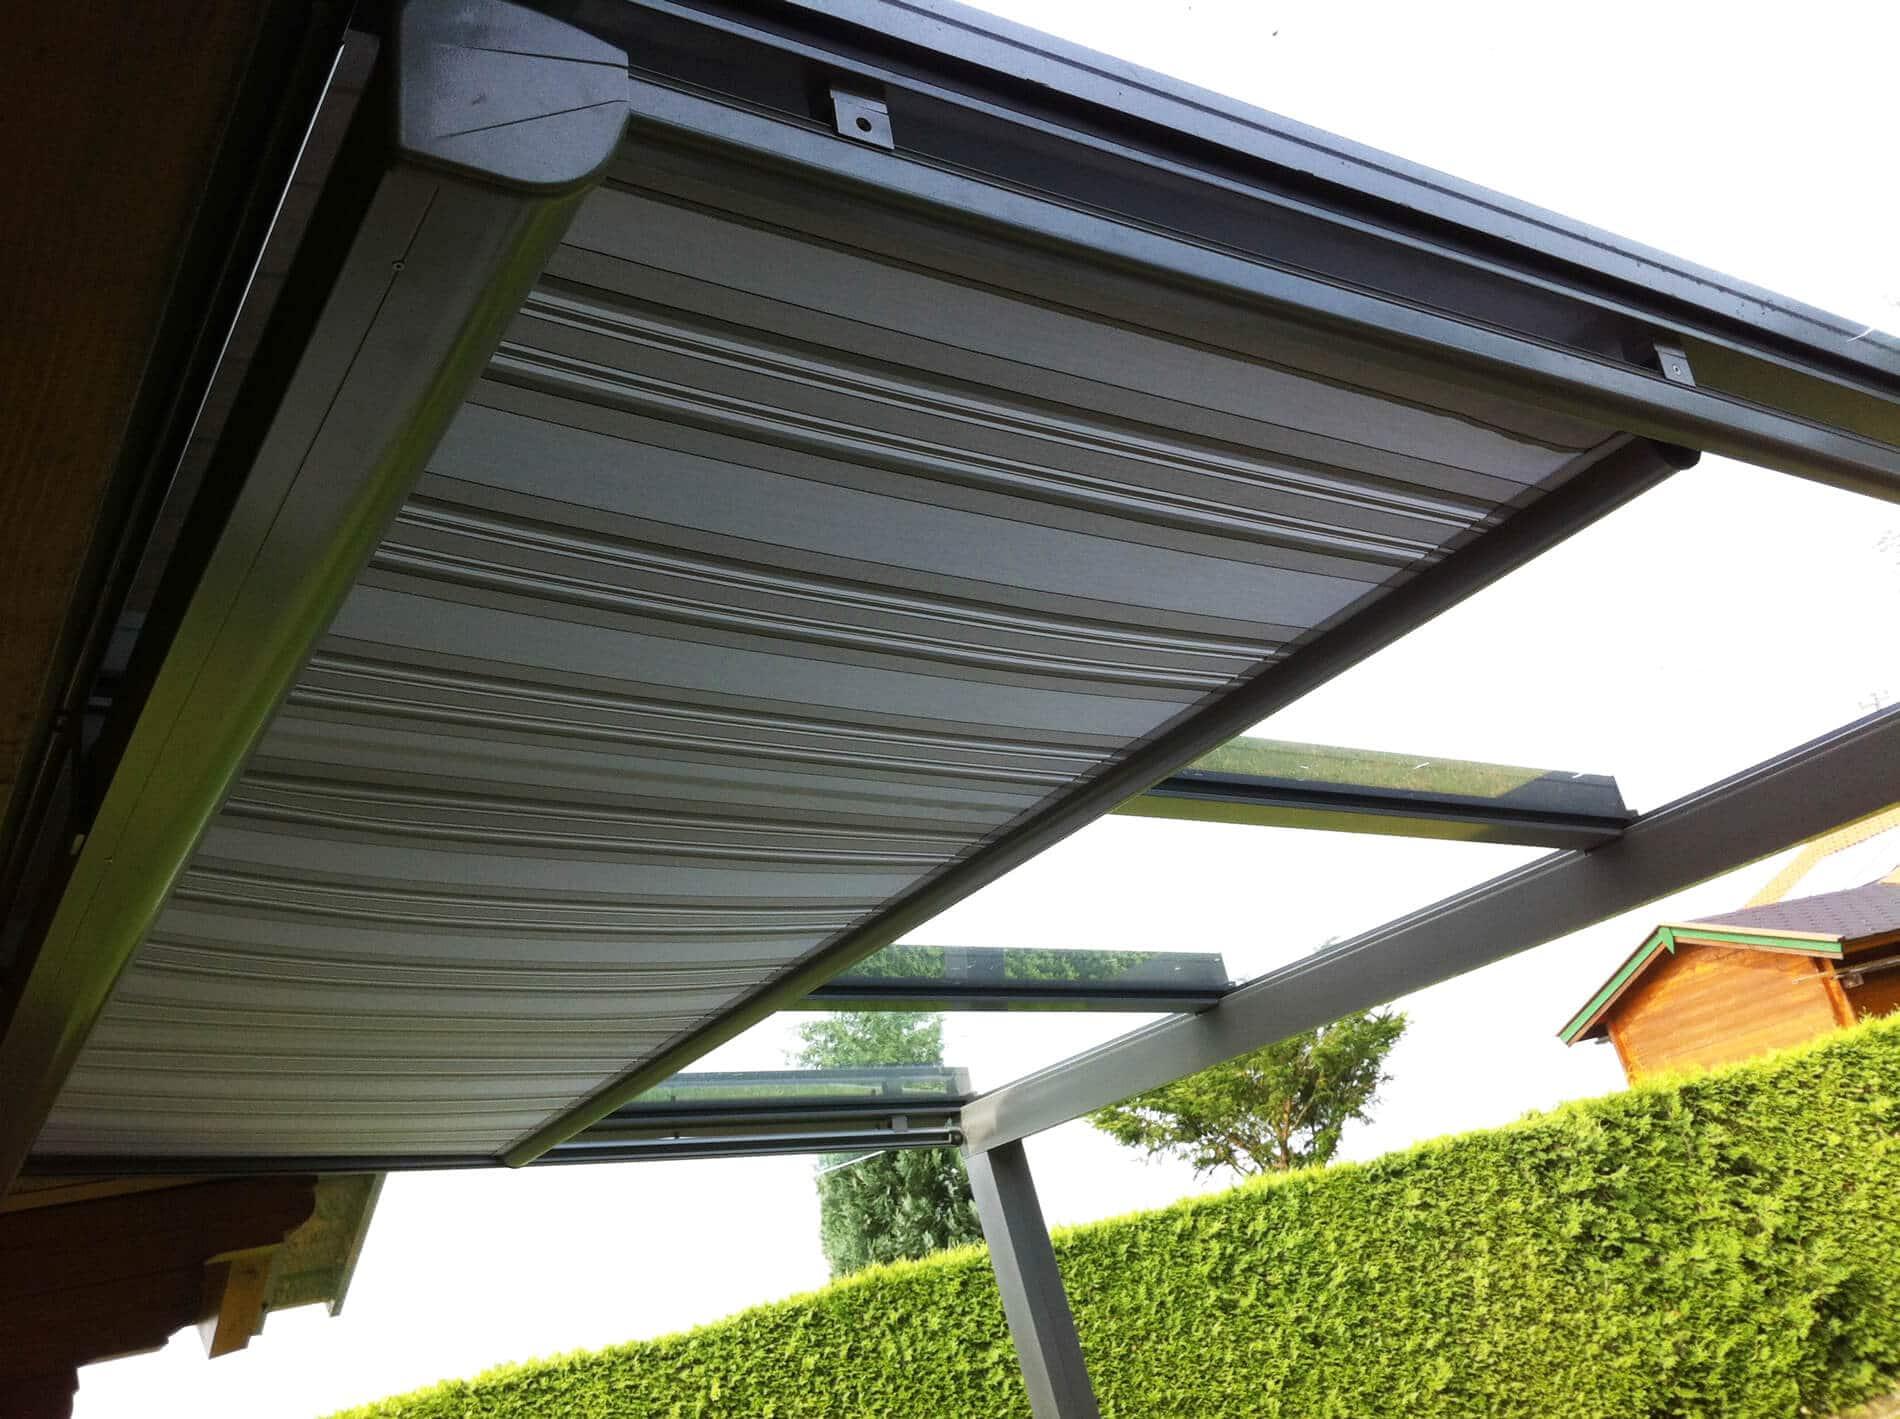 Terrassenüberdachung mit Markise darunter